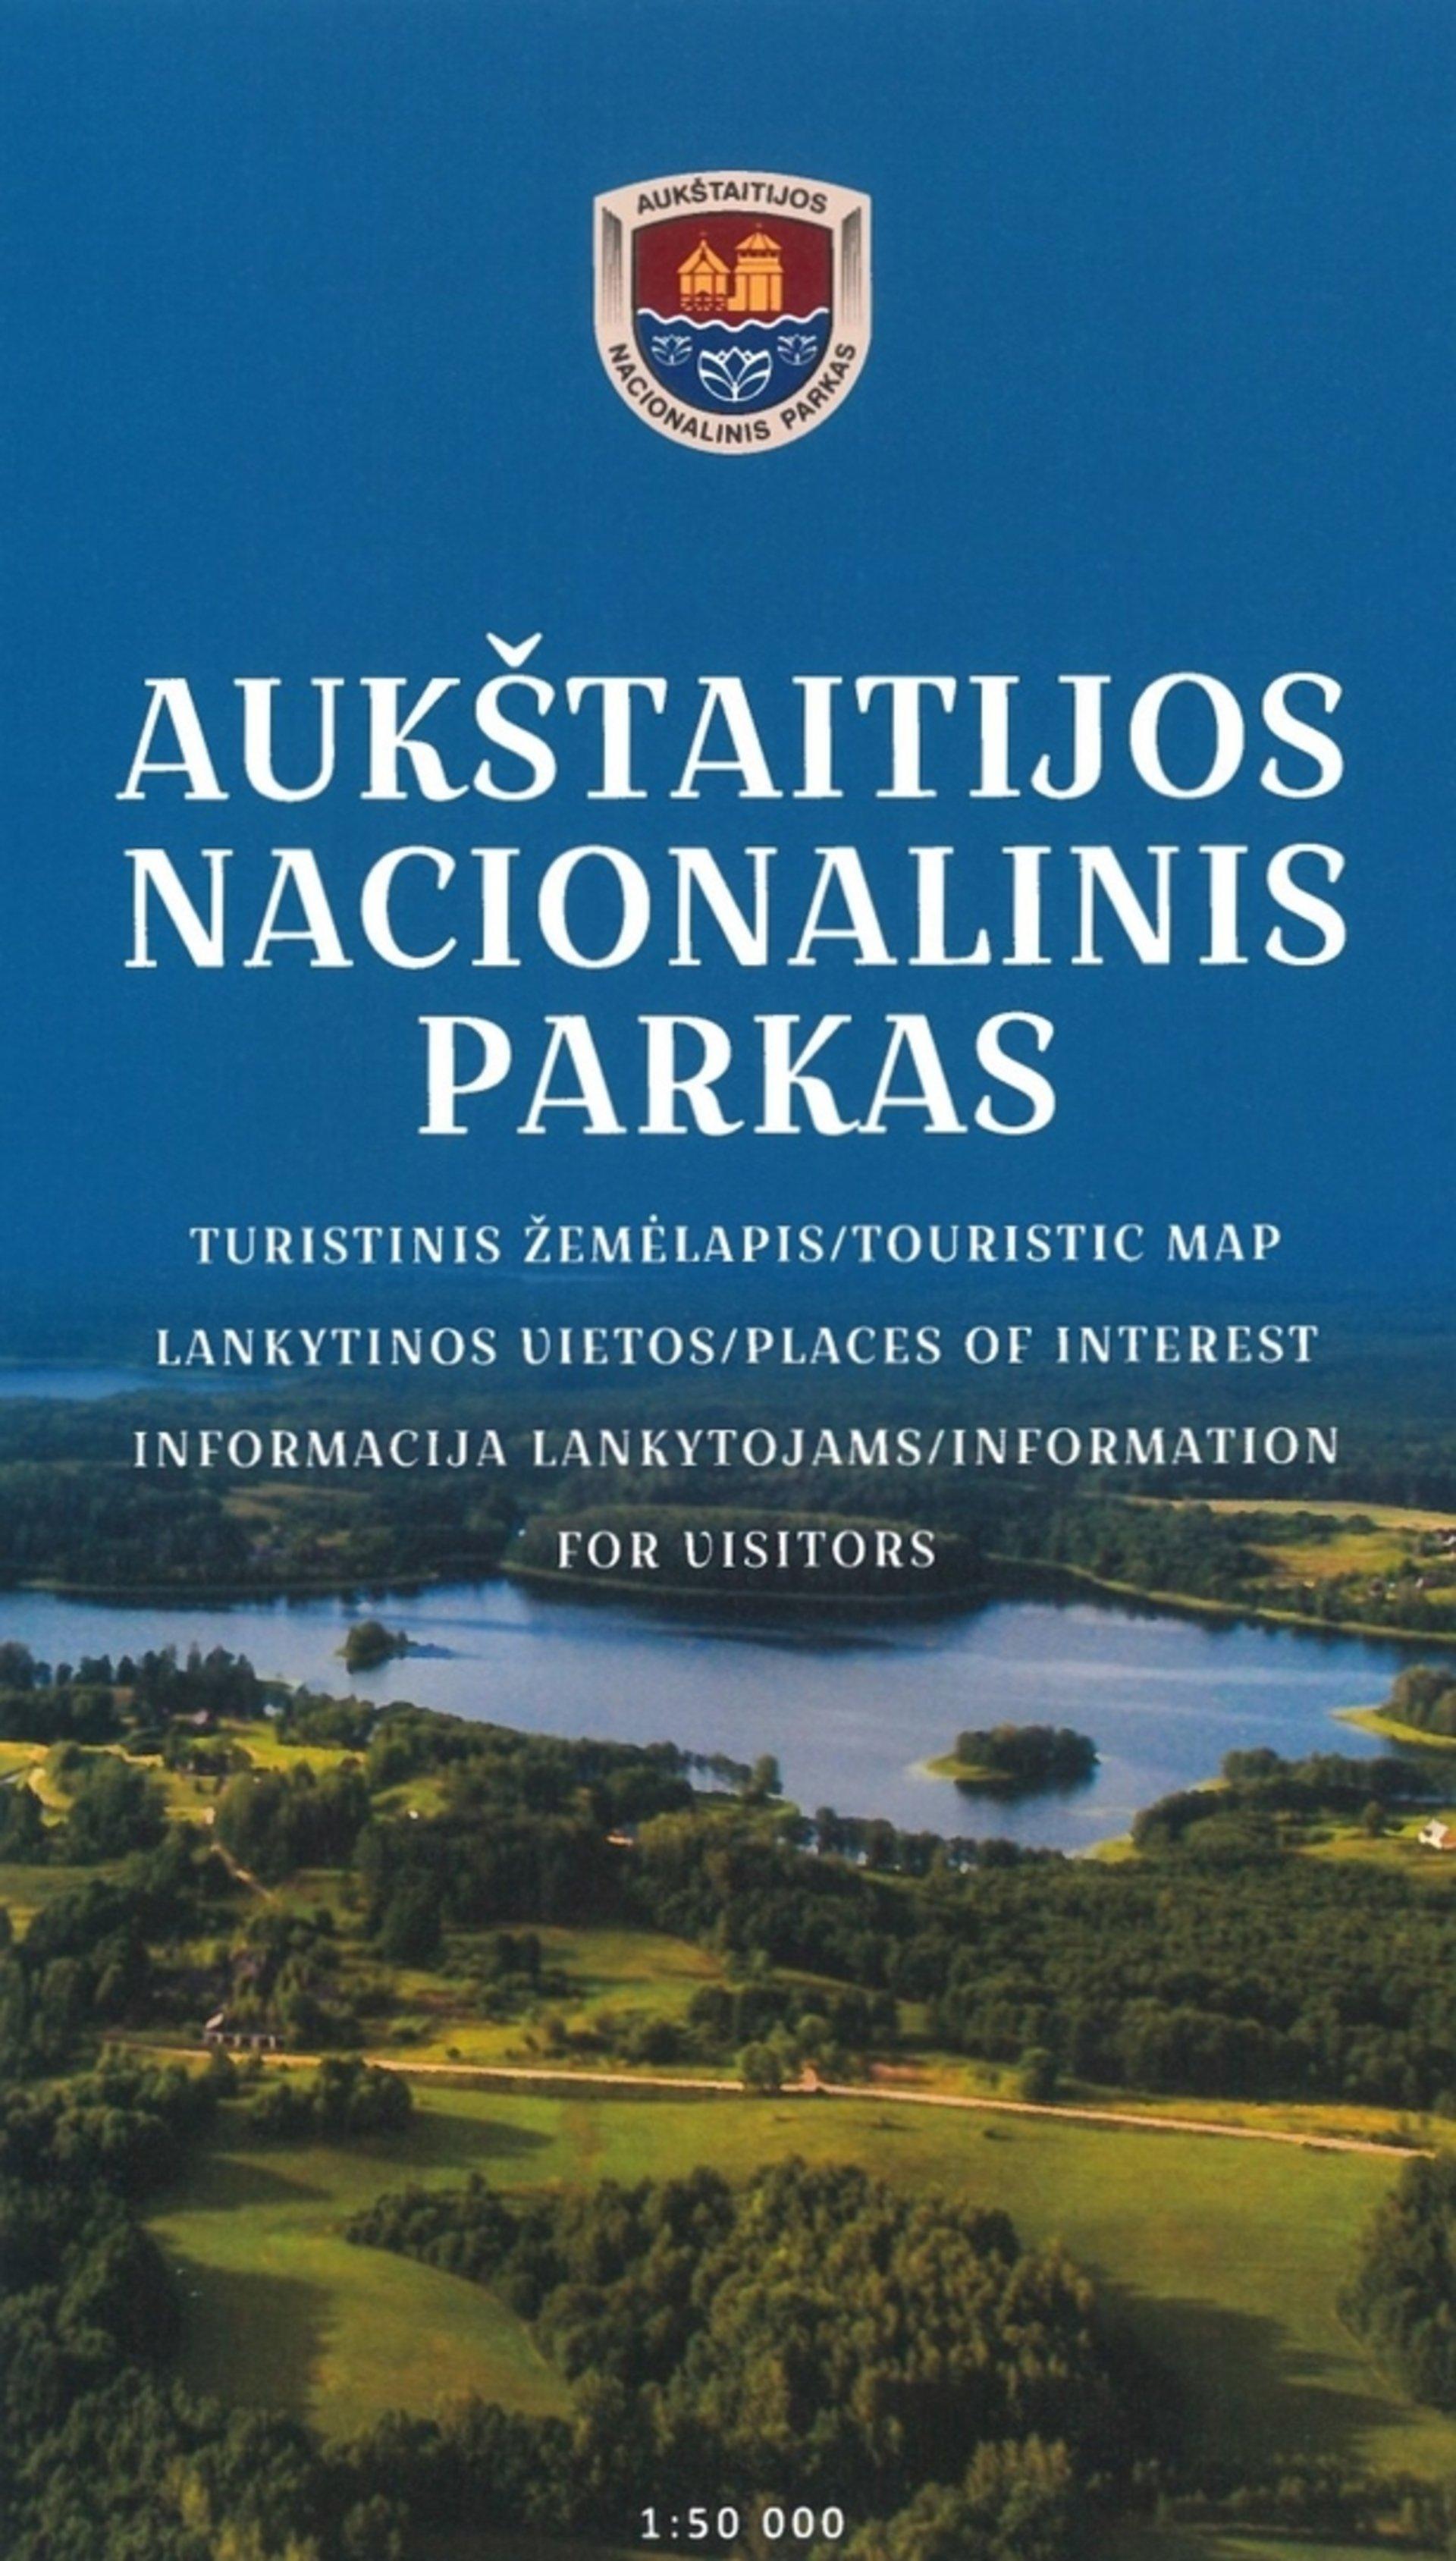 ANP touristische Karte - Faltblatt